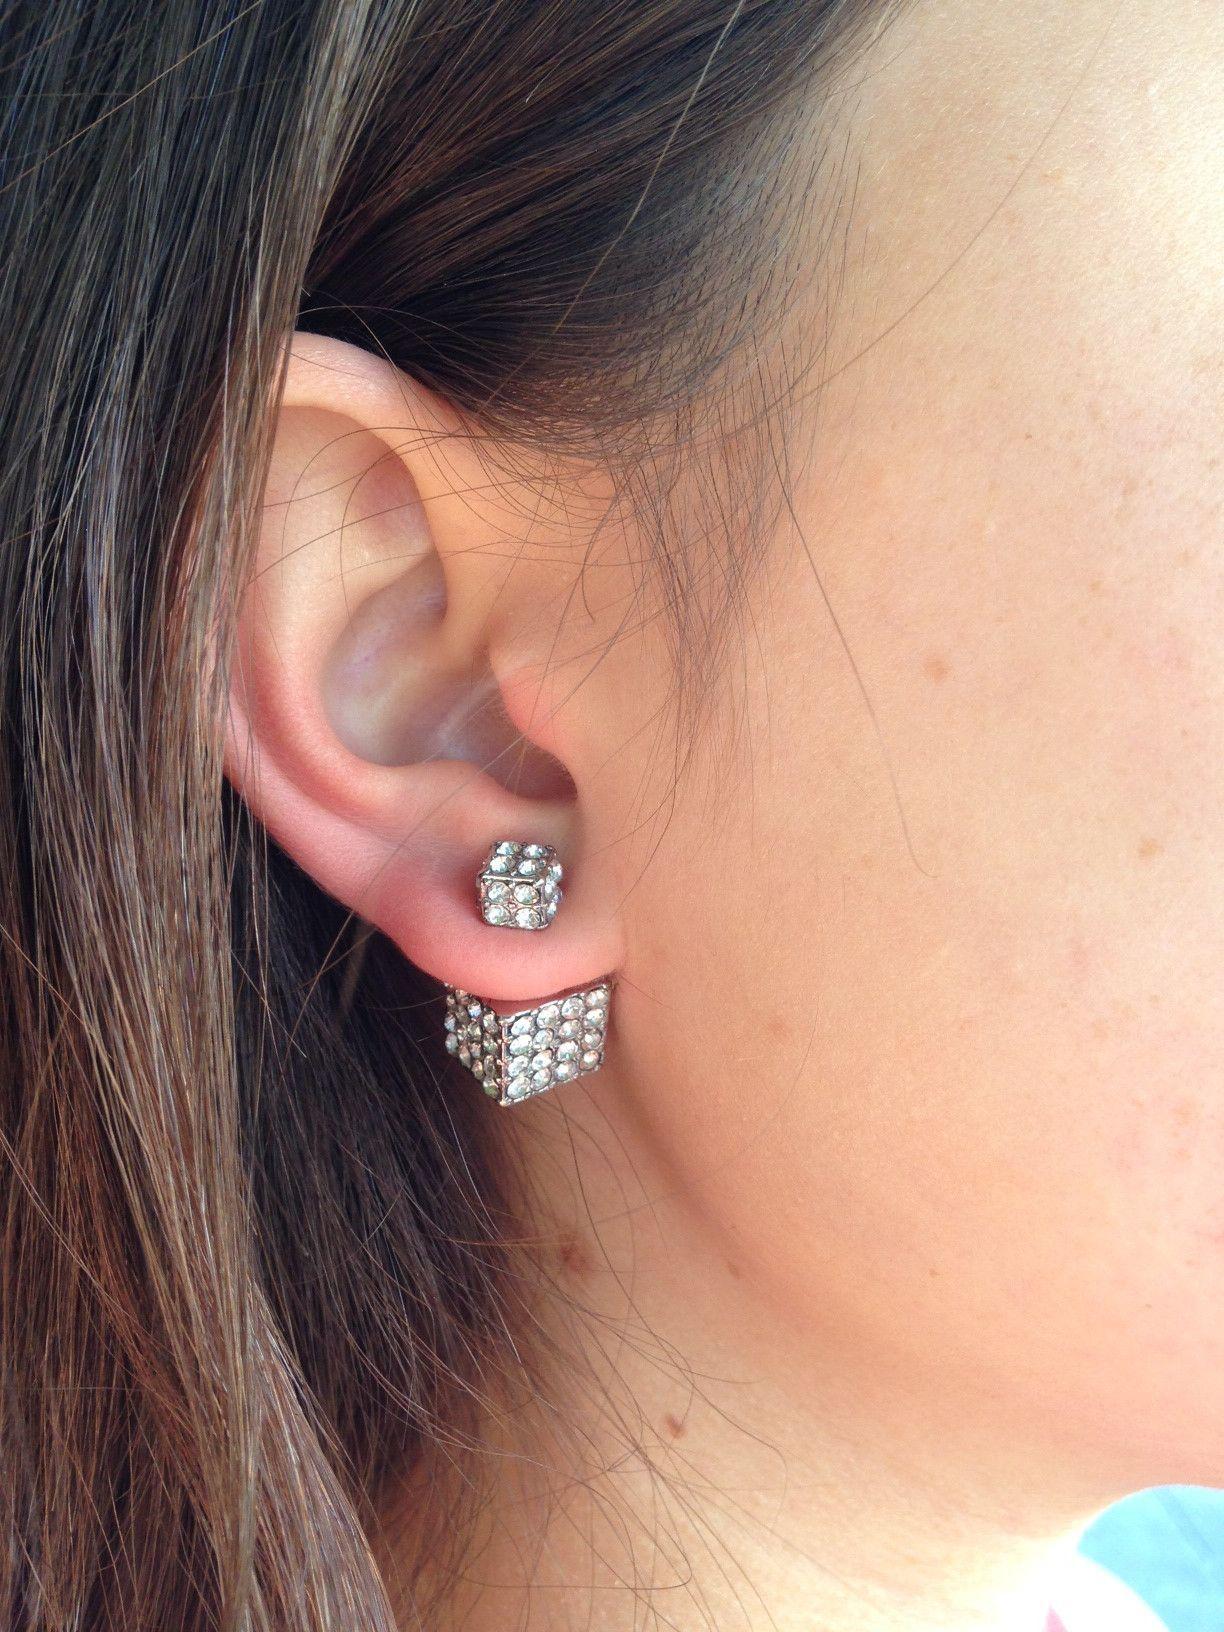 b7eee6c09a601 Double-Sided Cube Earrings (Silver) | Little Bling Things | Earrings ...